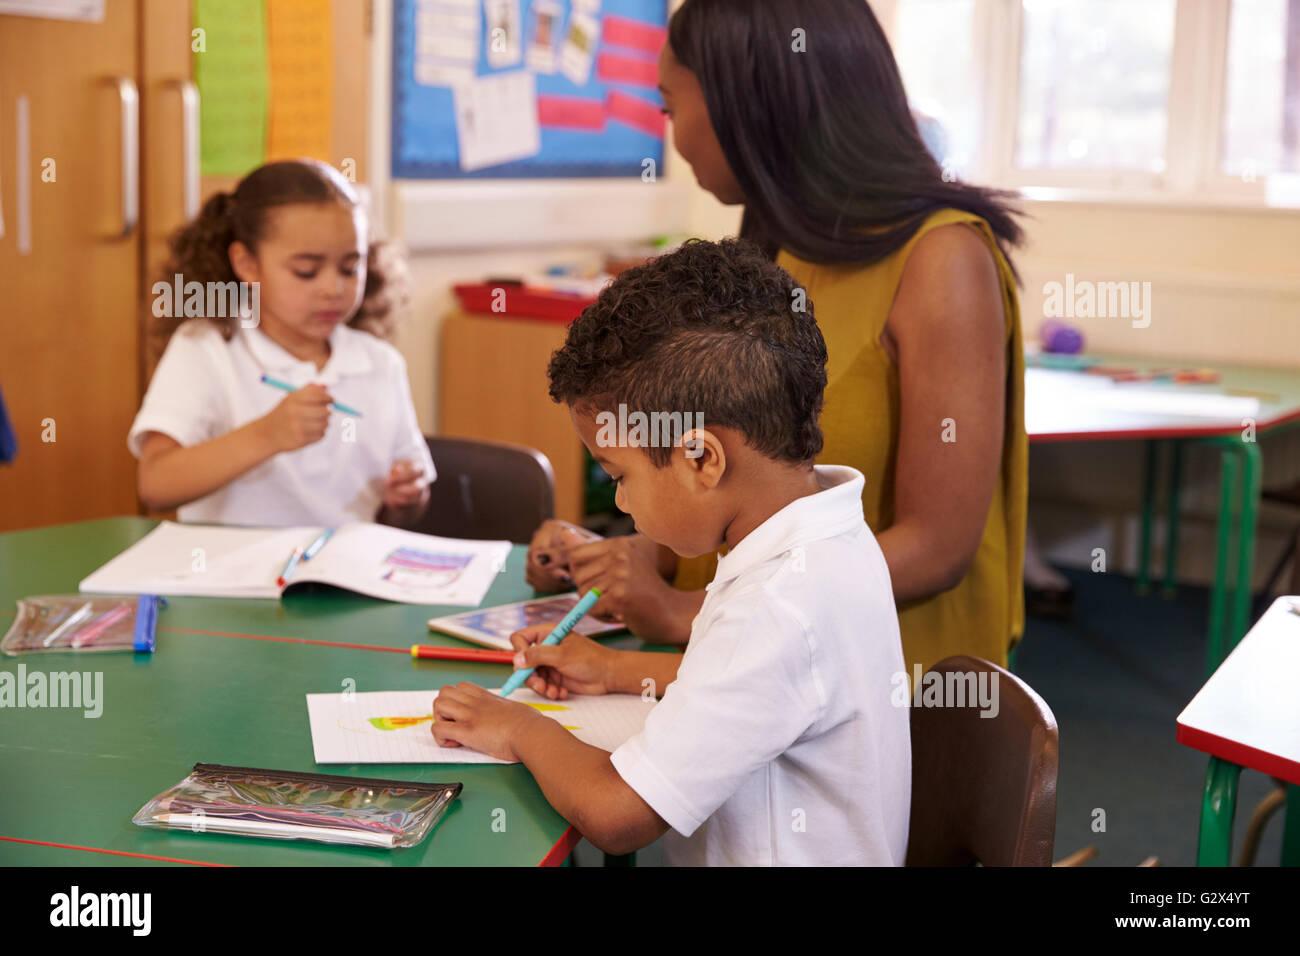 Hembra Elementary School ayudando a los alumnos en la recepción Imagen De Stock